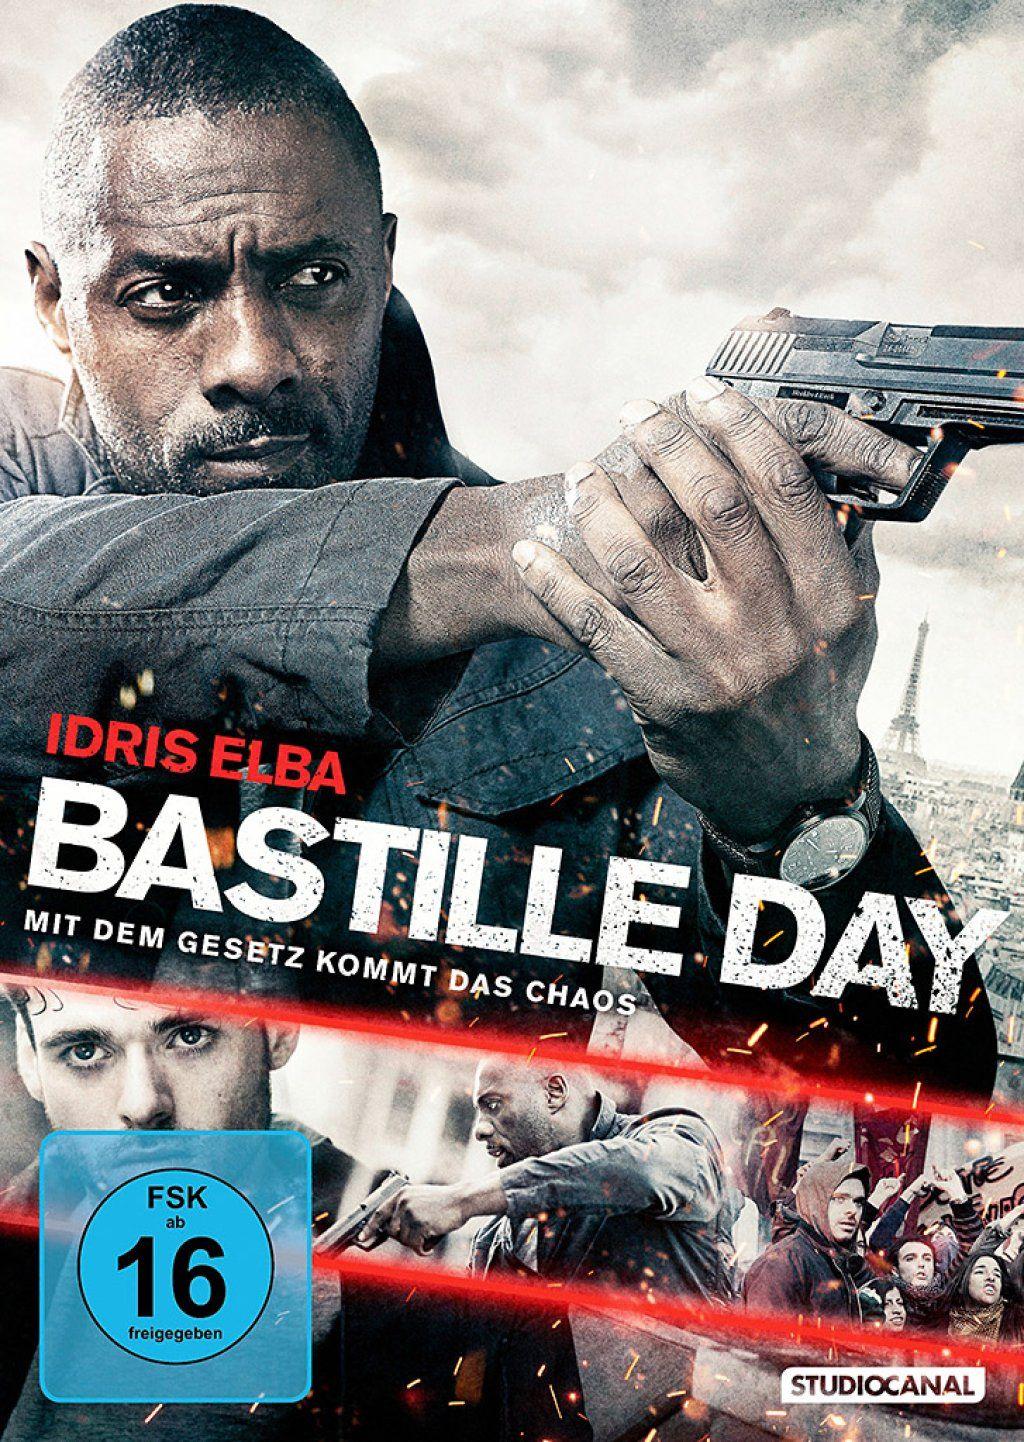 Bastille Day - Mit dem Gesetz kommt das Chaos